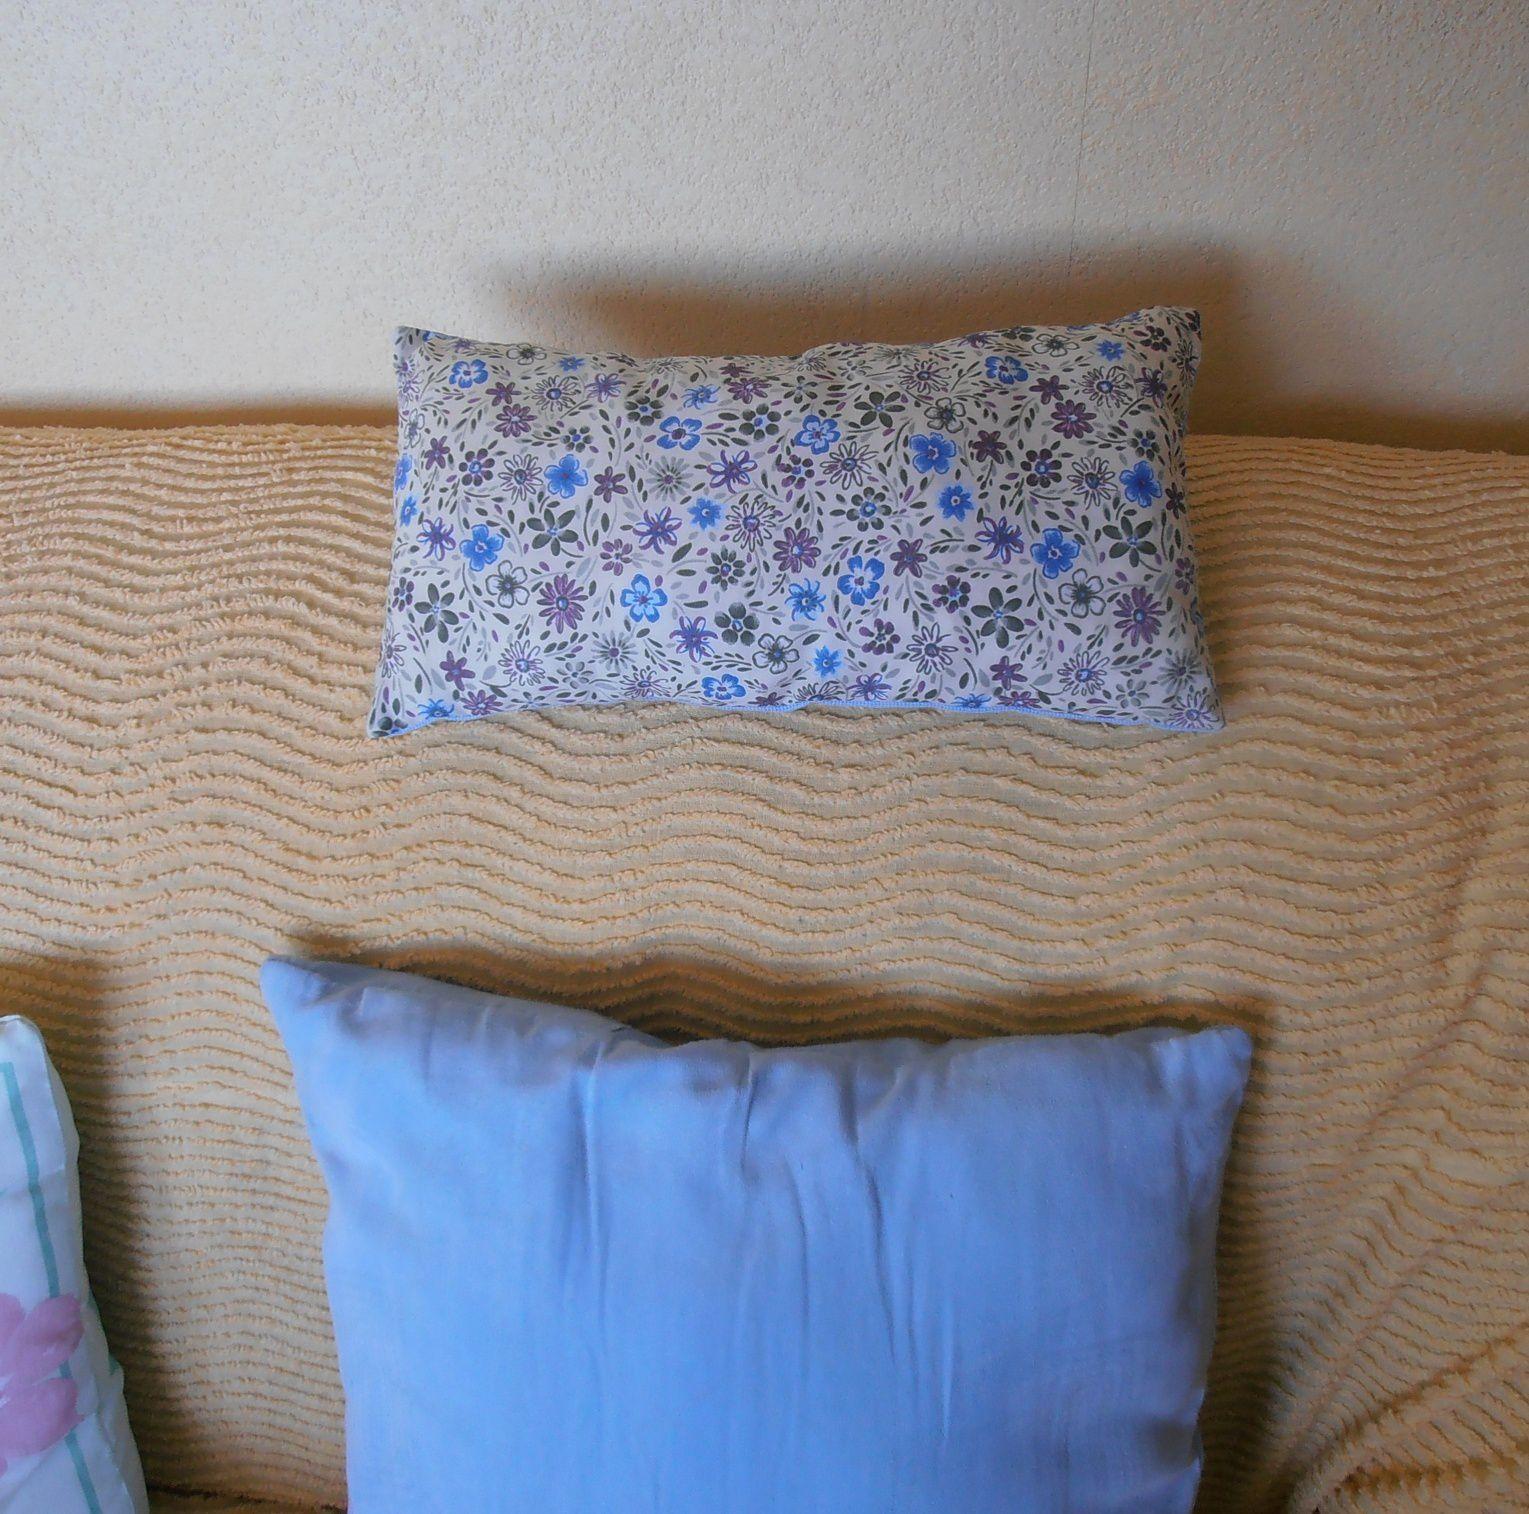 Le dos du coussinet aussi est bien joli, avec ses petites fleurs bleues.